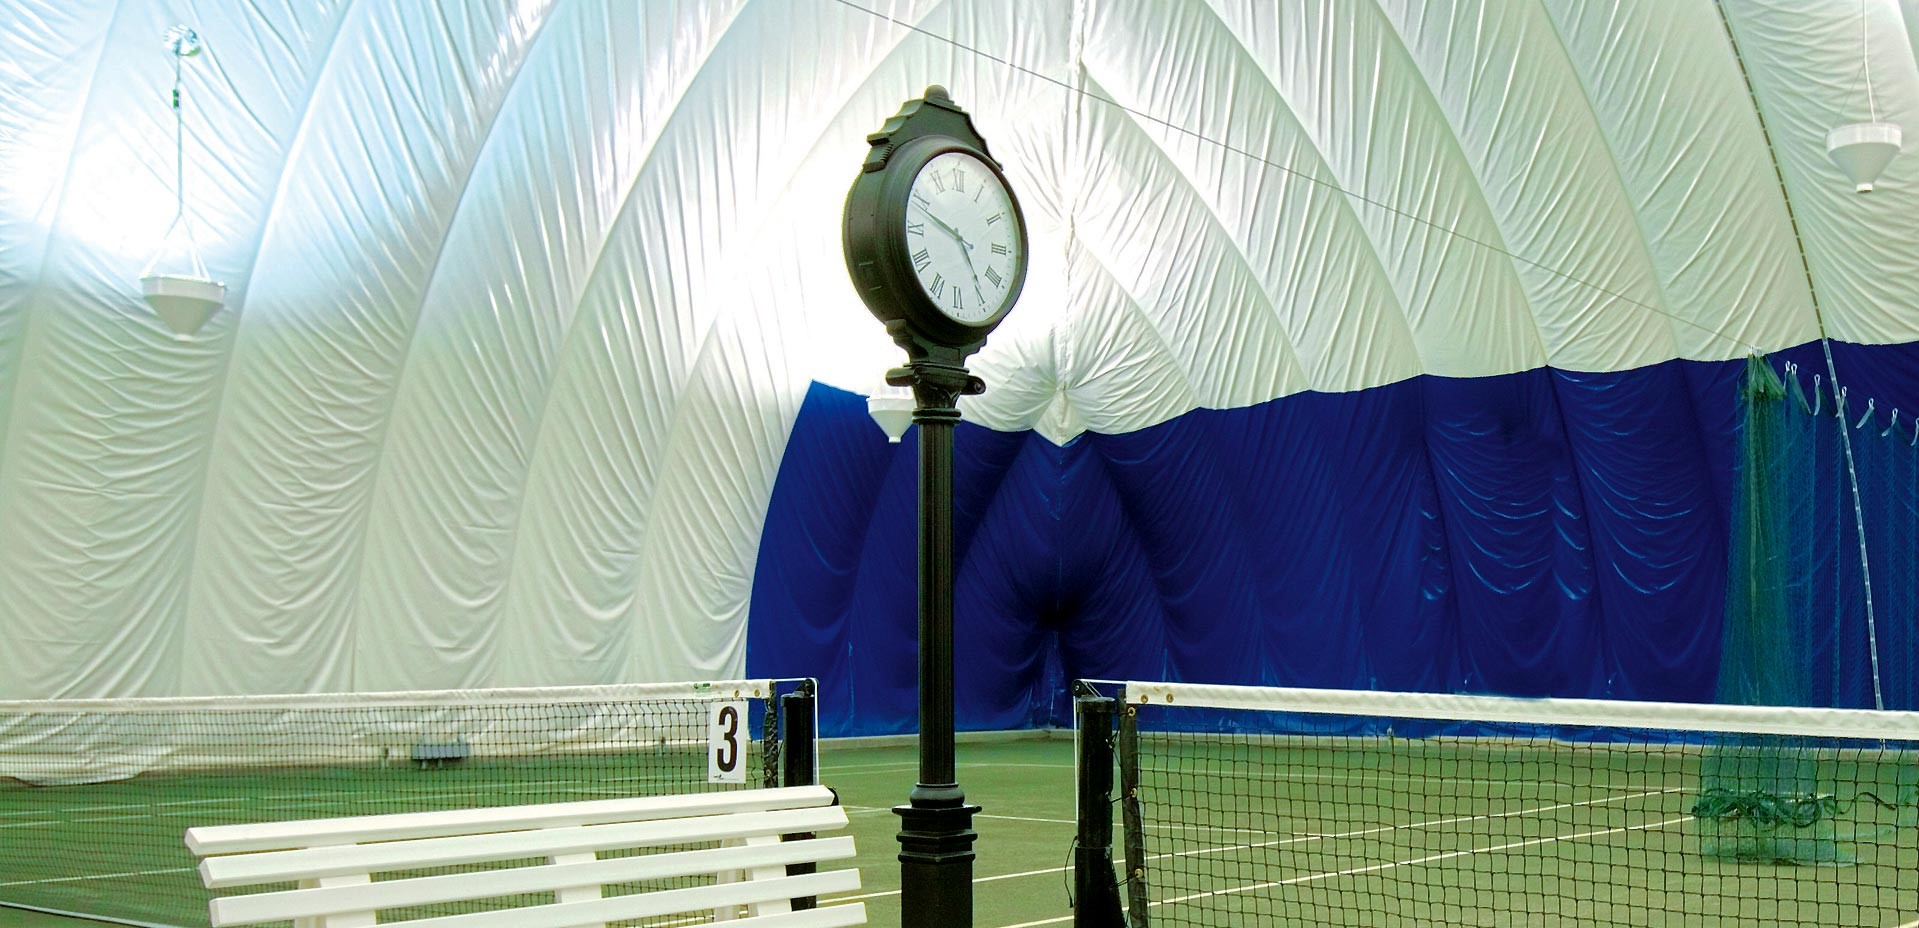 tennis clock bannersize